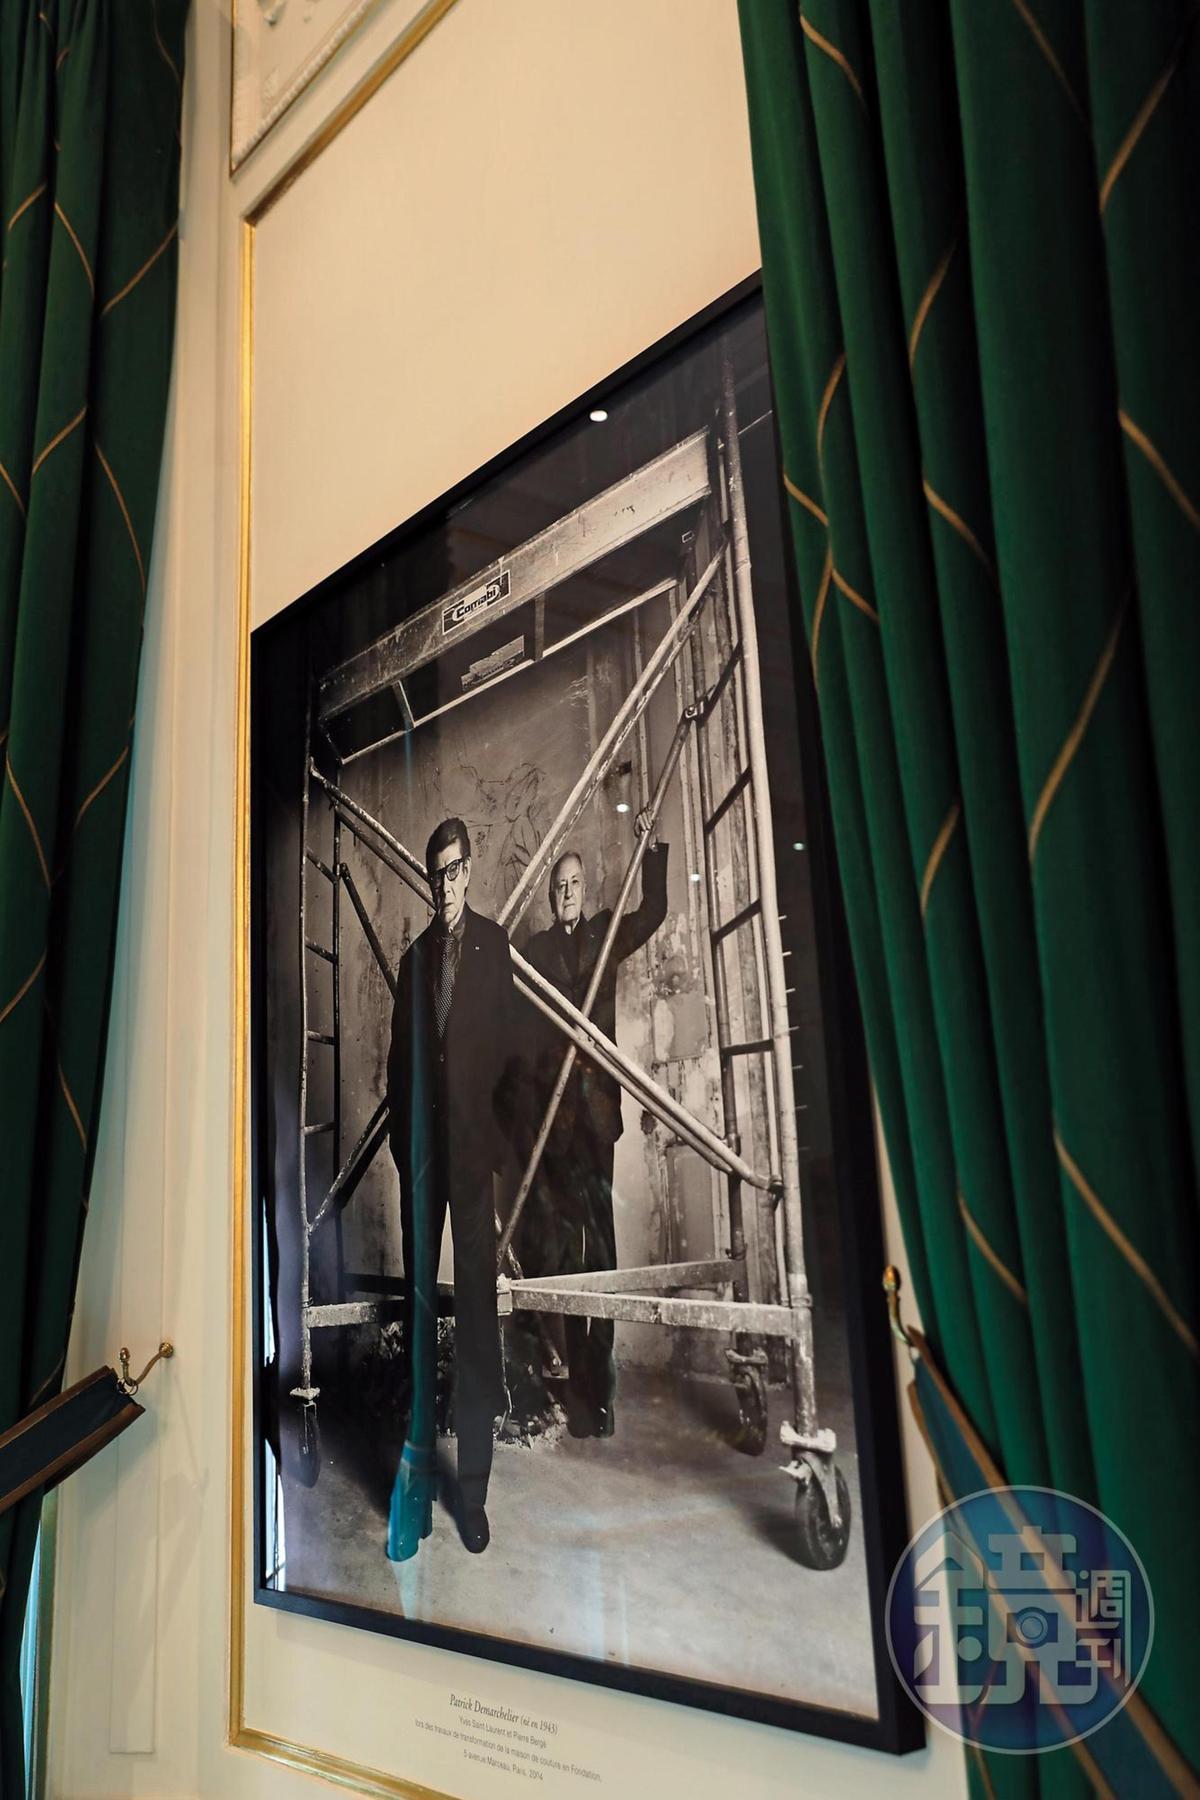 館內隨處可見時尚大師聖羅蘭(Yves Saint Laurent)與伴侶皮埃爾‧貝爾傑(Pierre Berge)合照。